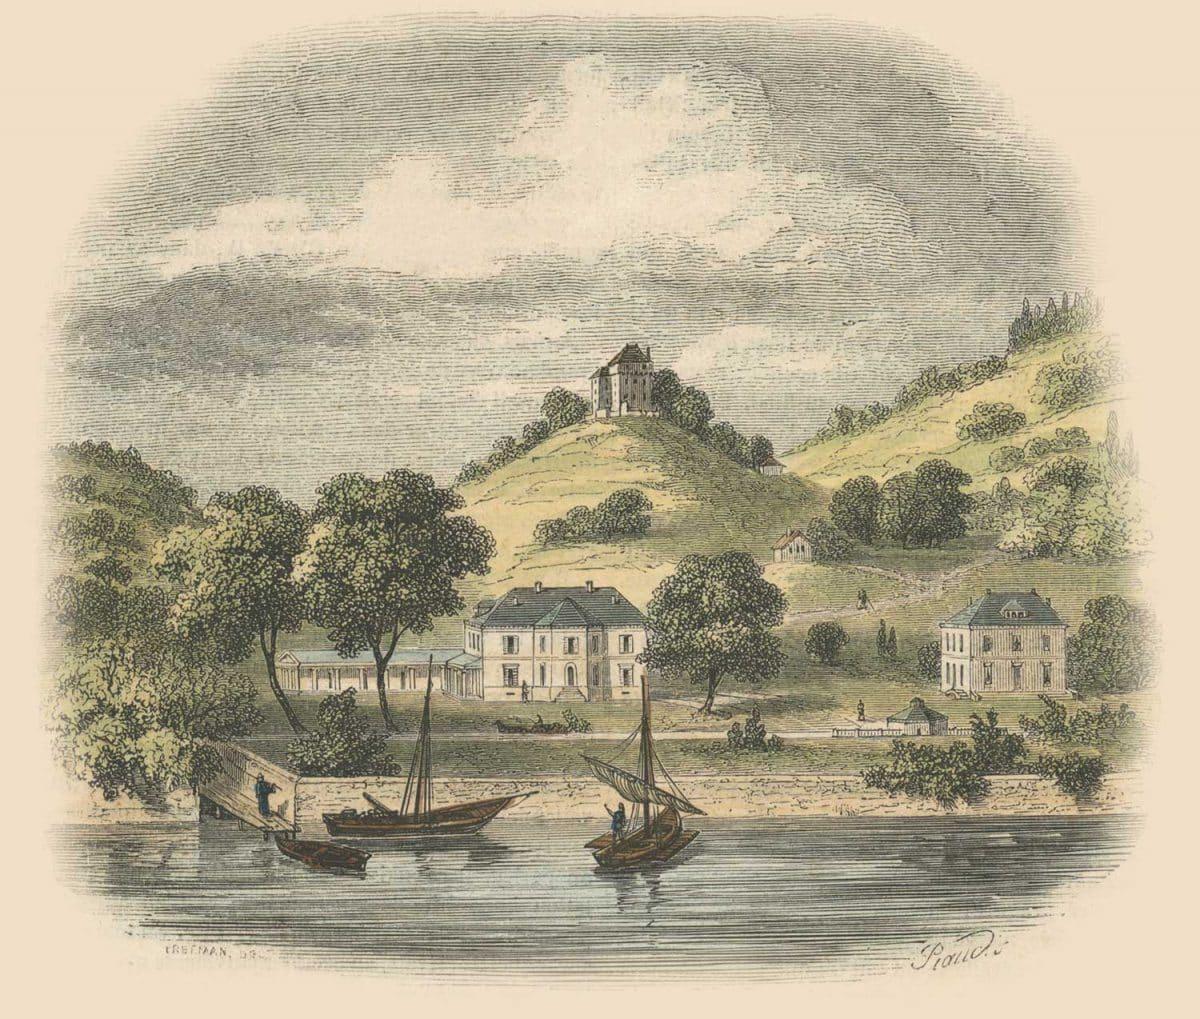 Gravure. Vue de Clarens et du Châtelard, le cimetière est placé à mi-côte, où l'on voit une petite maison